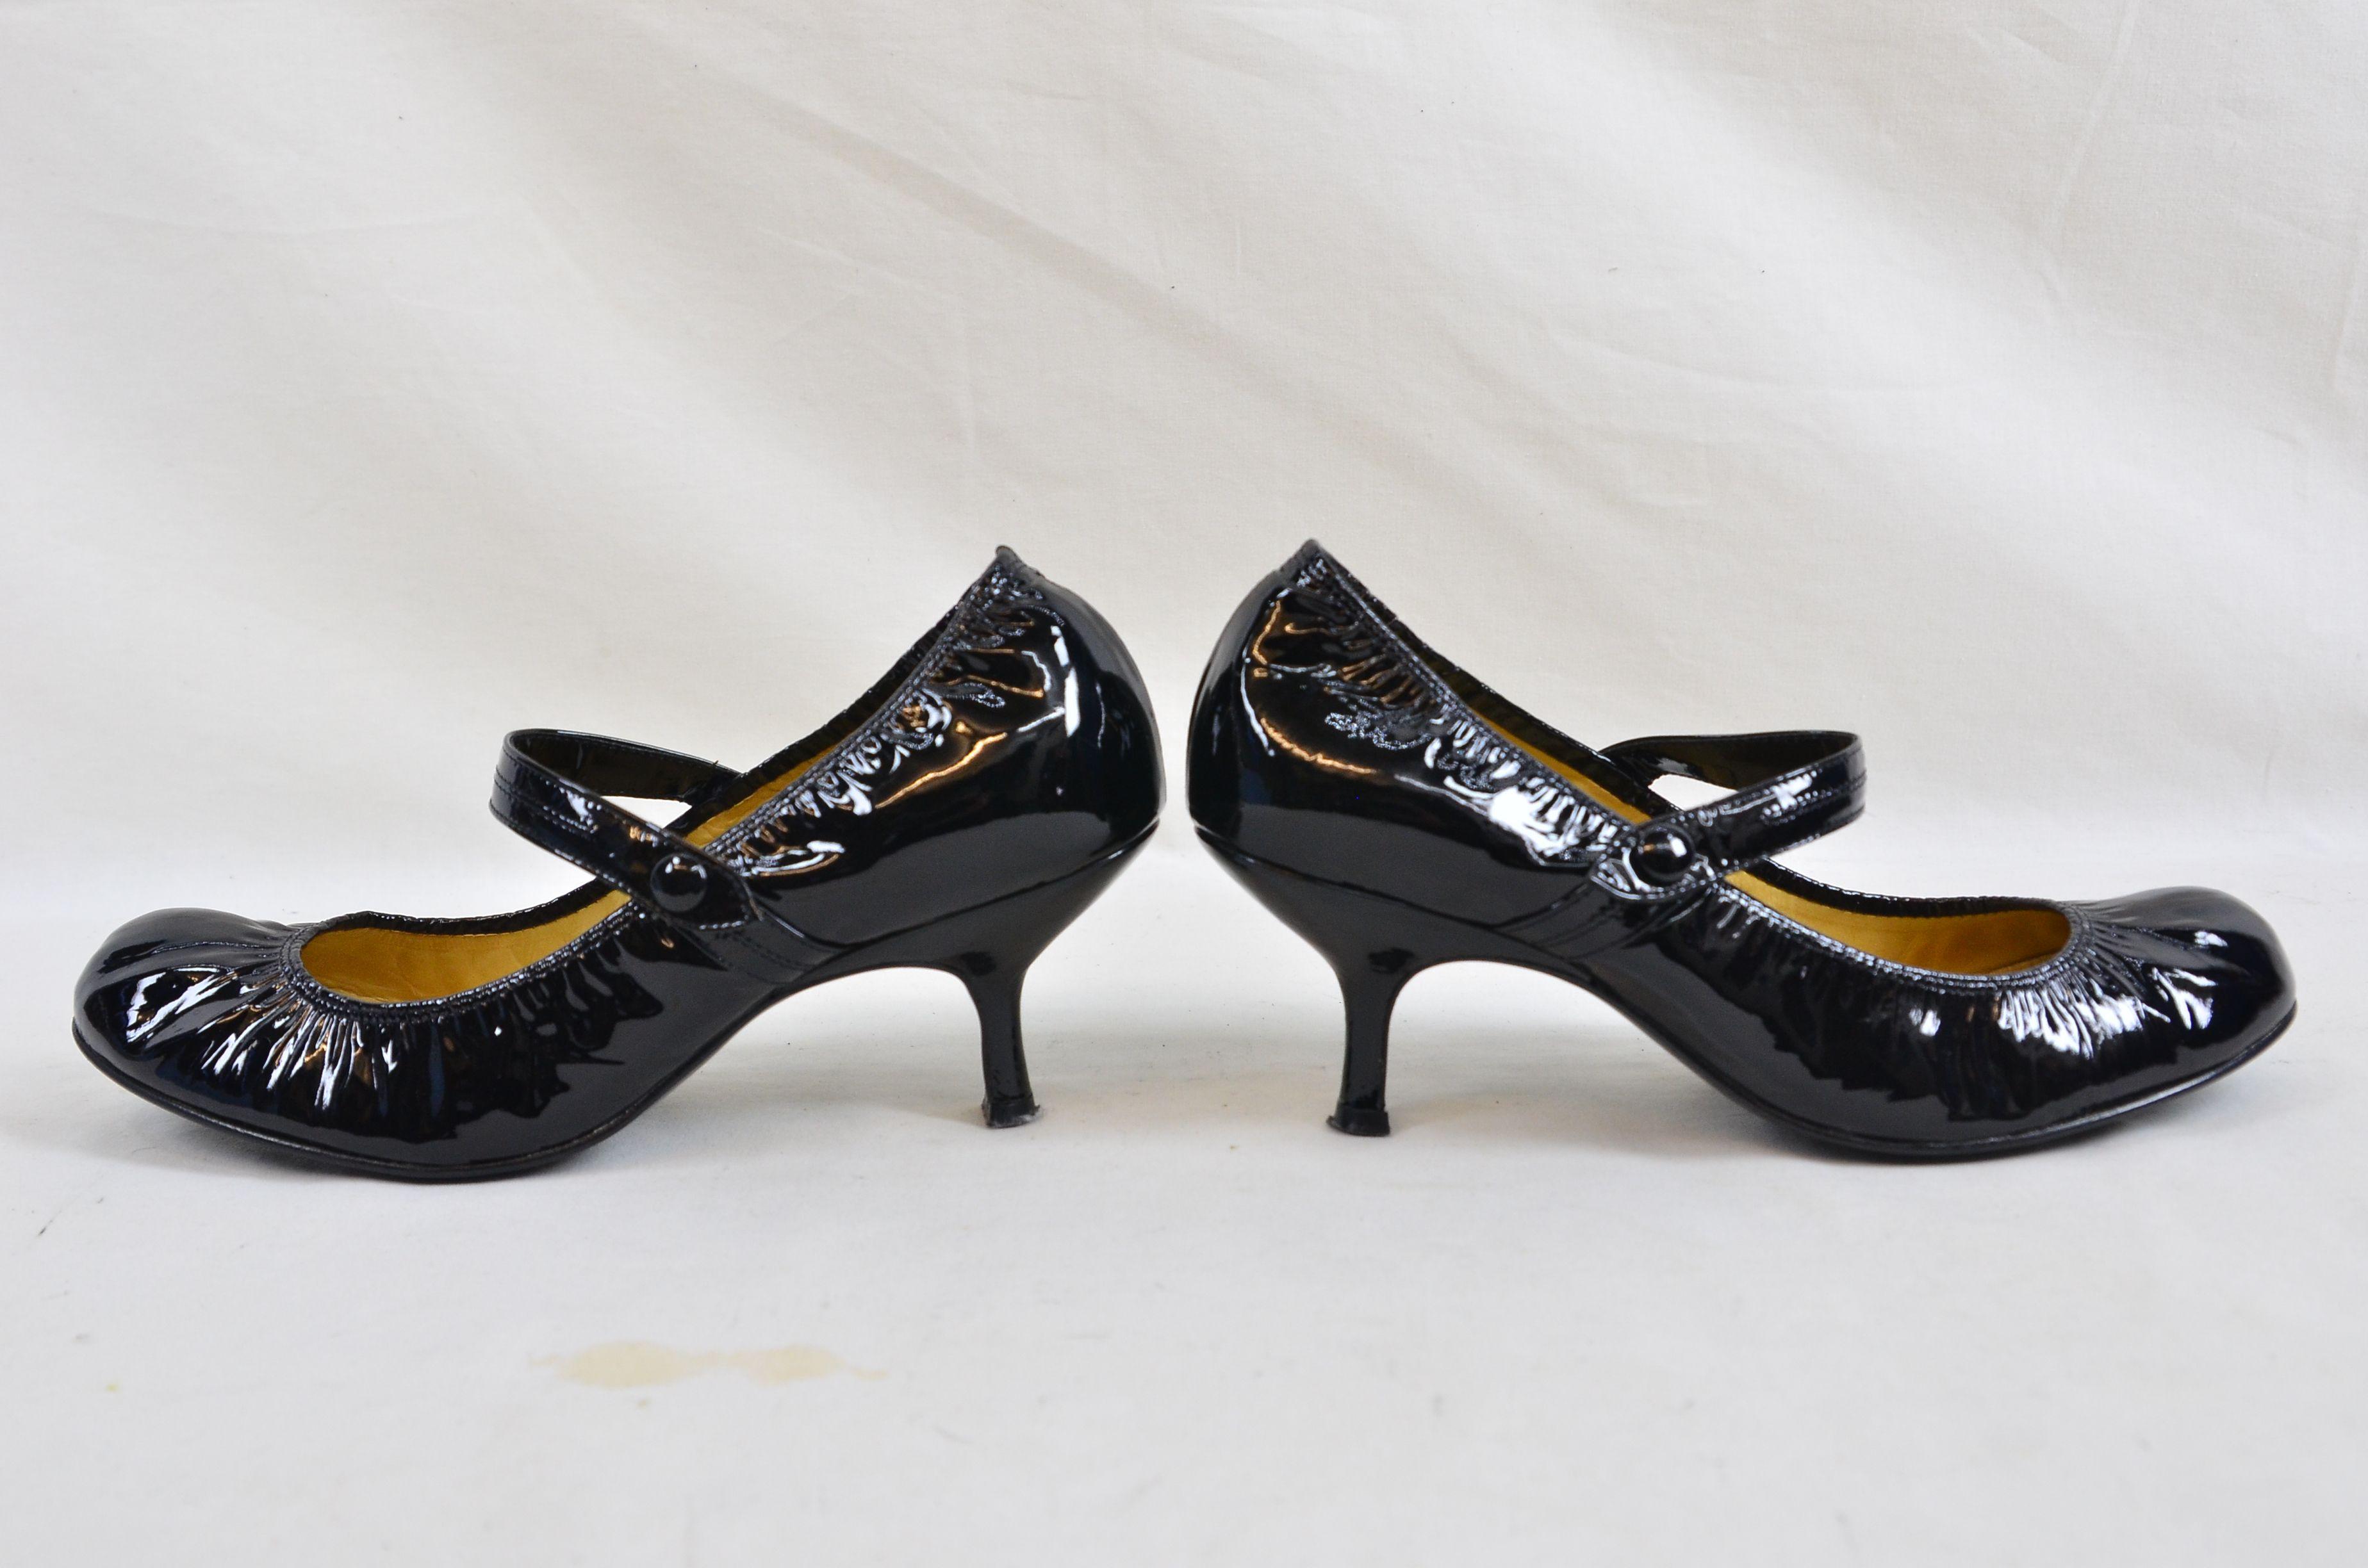 b29d77f82c4 Lanvin River 2007 Ballerinas Bride Velvet Lamb Heel Ballet Black Shoe 6.  Open Full-Size Image